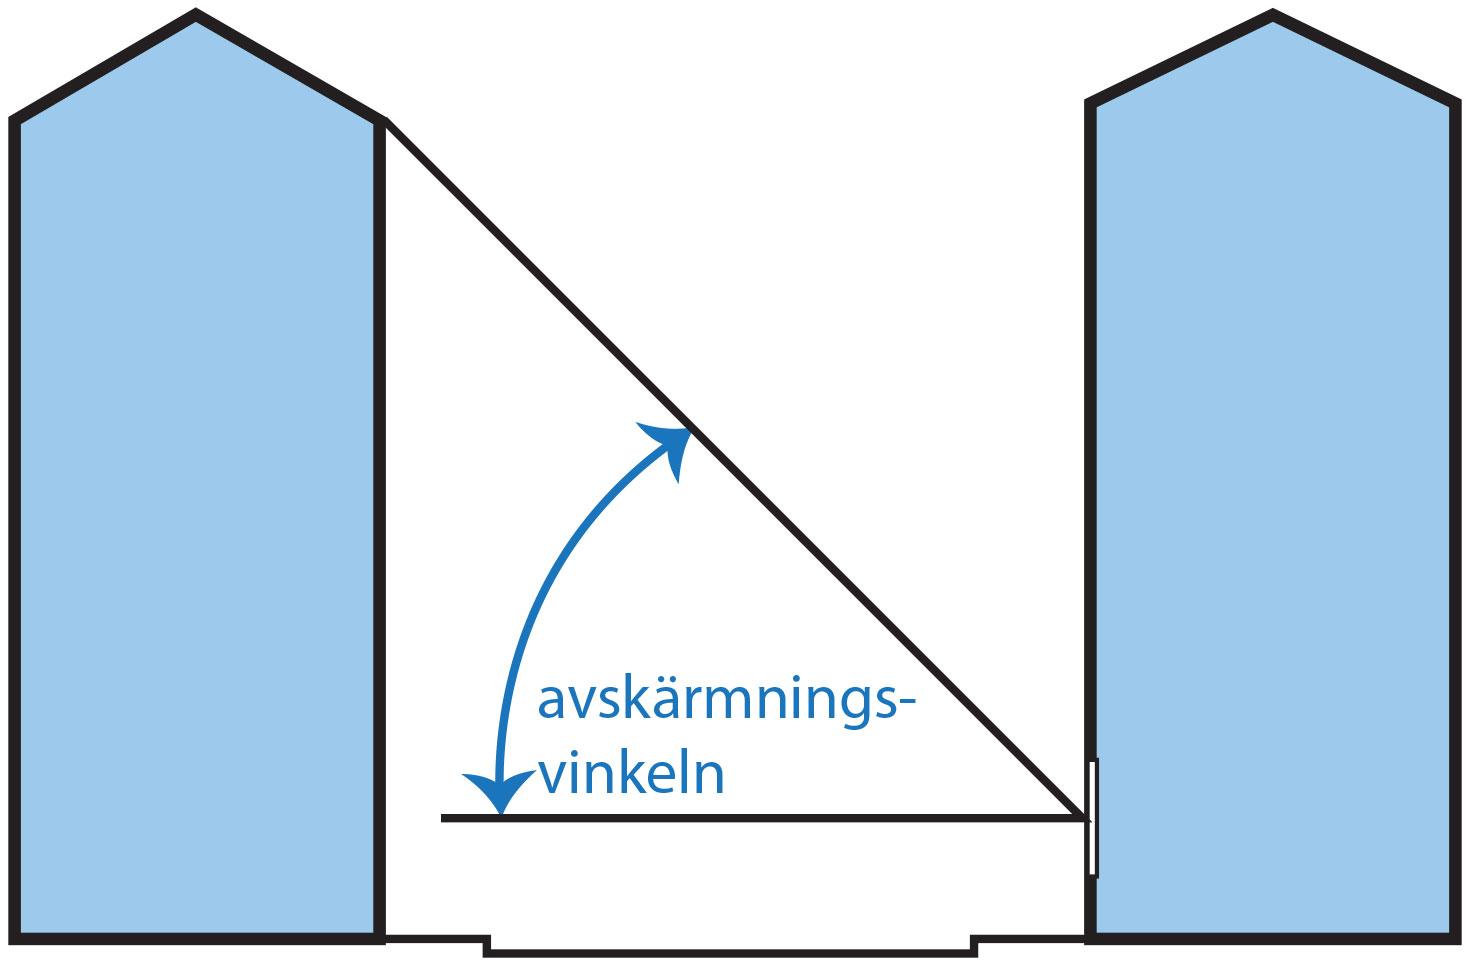 Med dagsljusfaktorn 1 % menas lite förenklat att en hundradel av ljusstyrkan utomhus tar sig in i lägenheten. Förr att beräkna dagsljusfaktorn används bland annat avskärmnings-vinkeln, det vill säga vinkeln mellan motstående hus mest avskärmande del och fönstermitt.